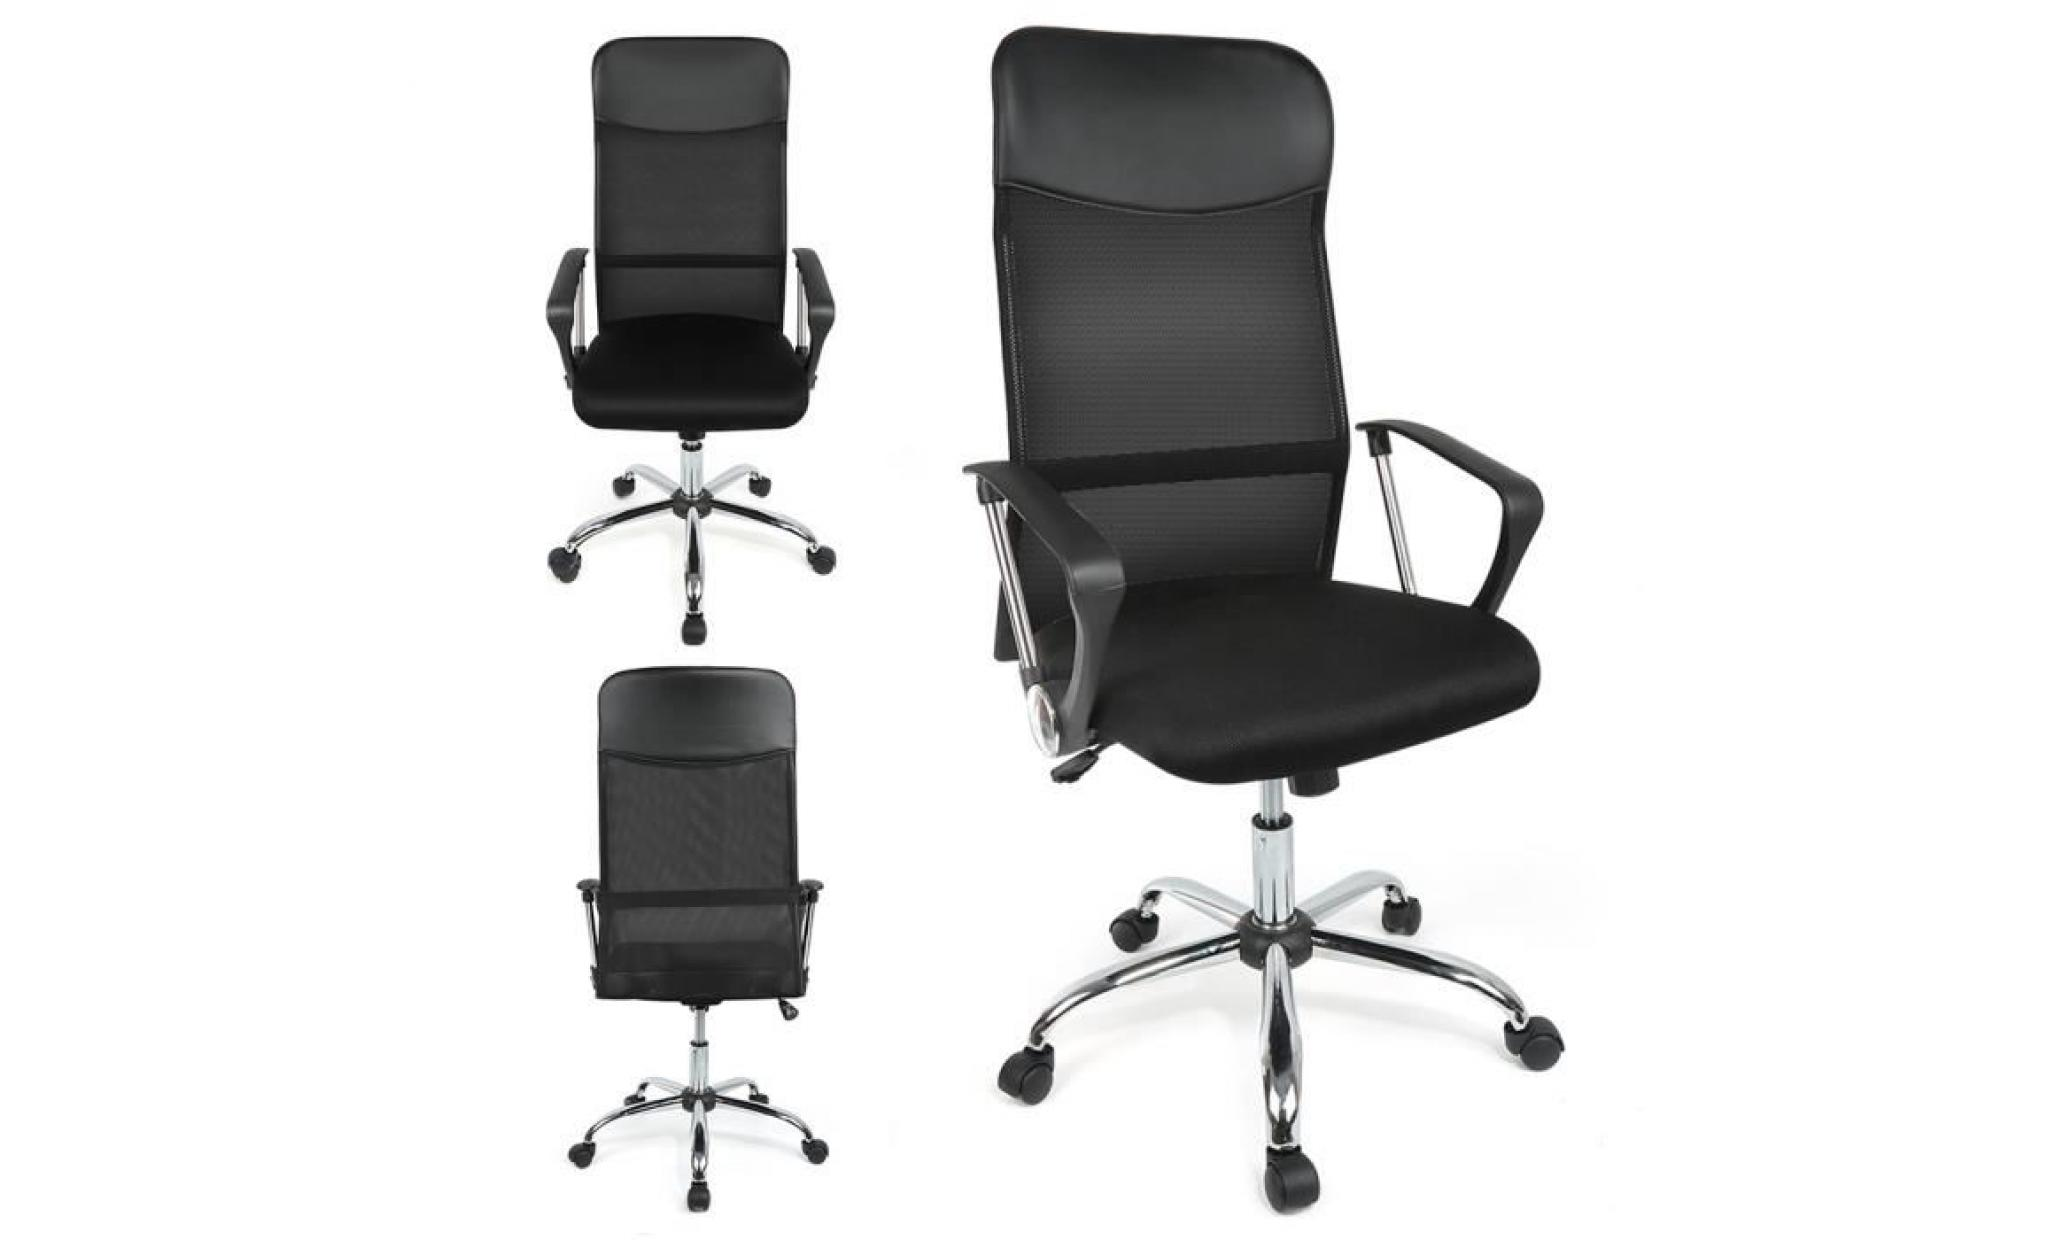 Bureau Ergonomique Chaise Design De Moderne Fauteuil Inclinable Noir EH2IWD9